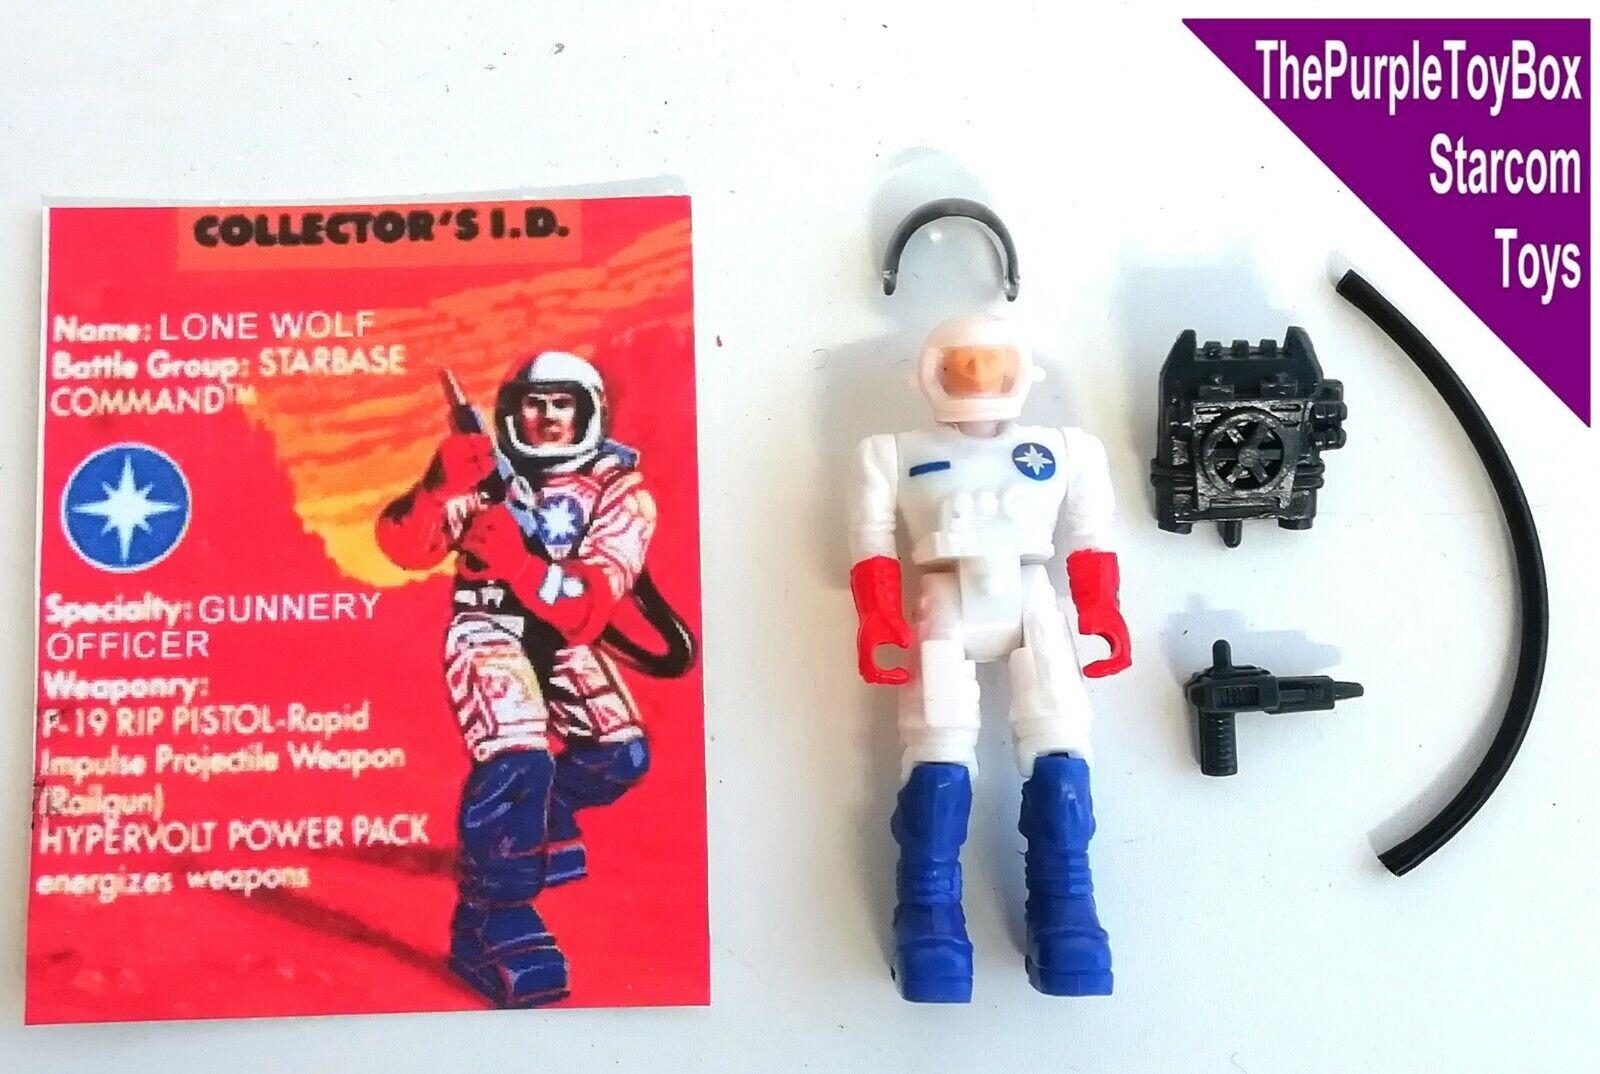 (A011) Vintage Década de 1980 Estrellacom Juguetes   lobo solitario  Estrella Comando europeo Exclusivo